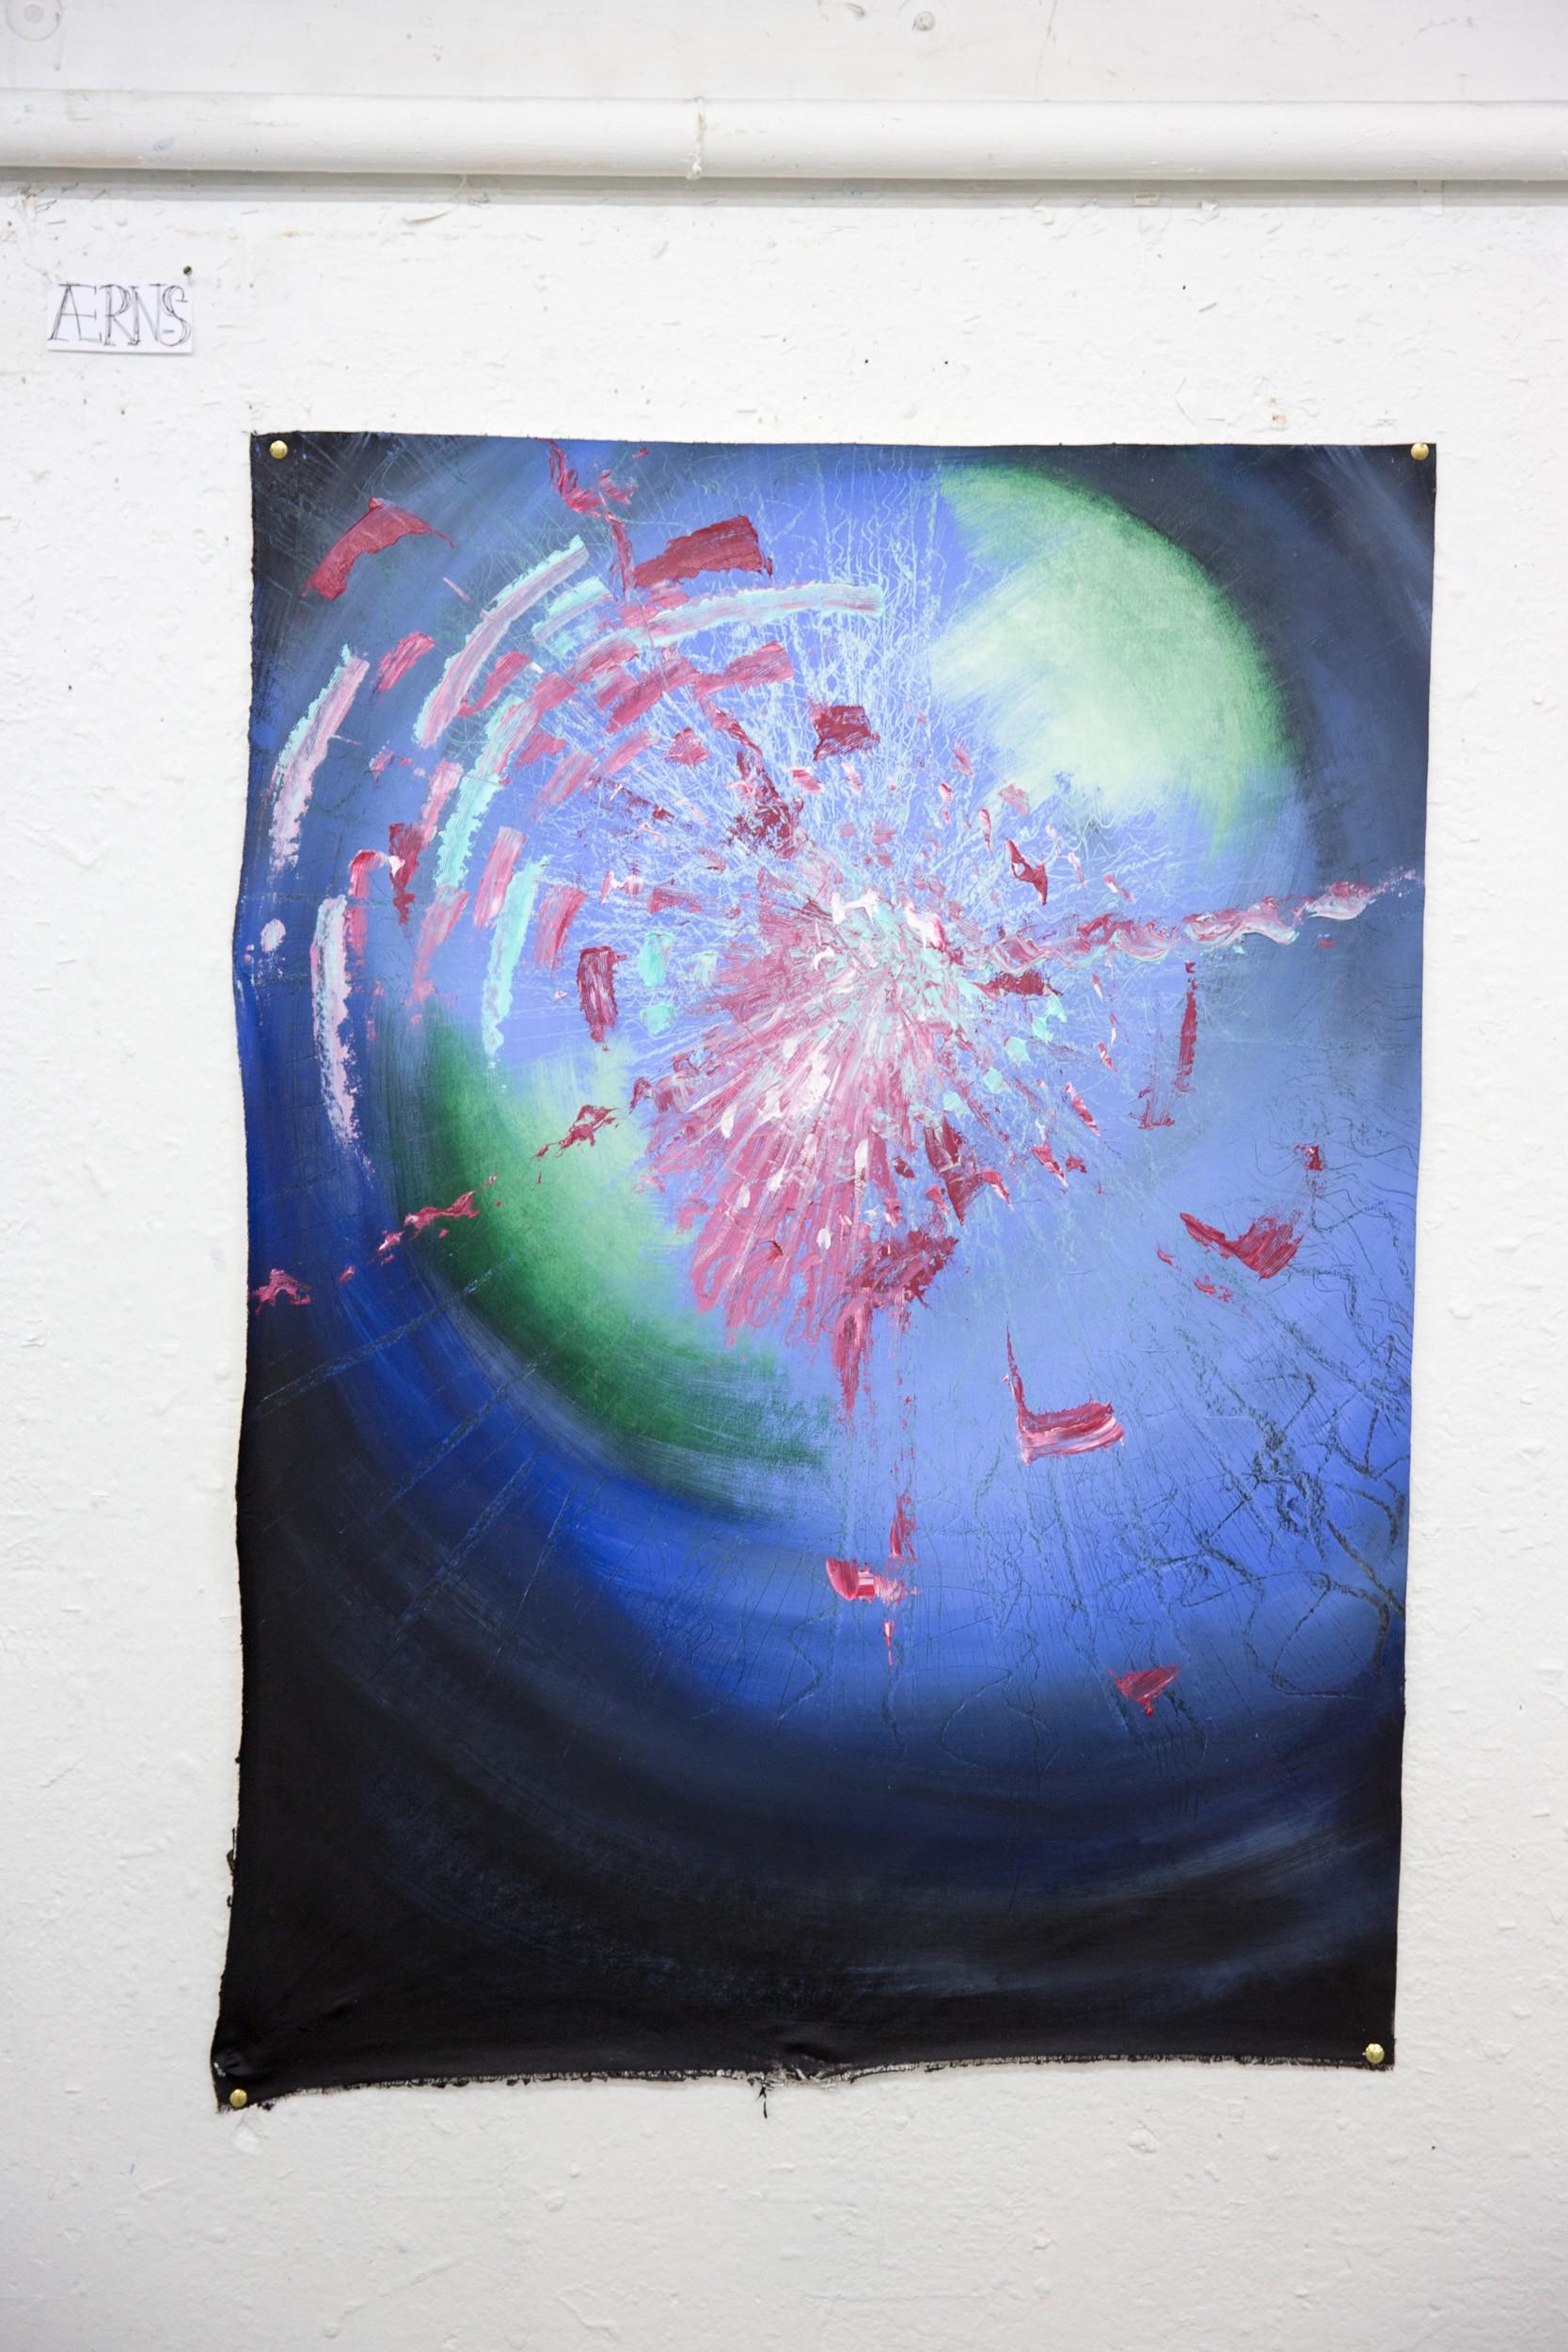 Maler - Efterår 2016